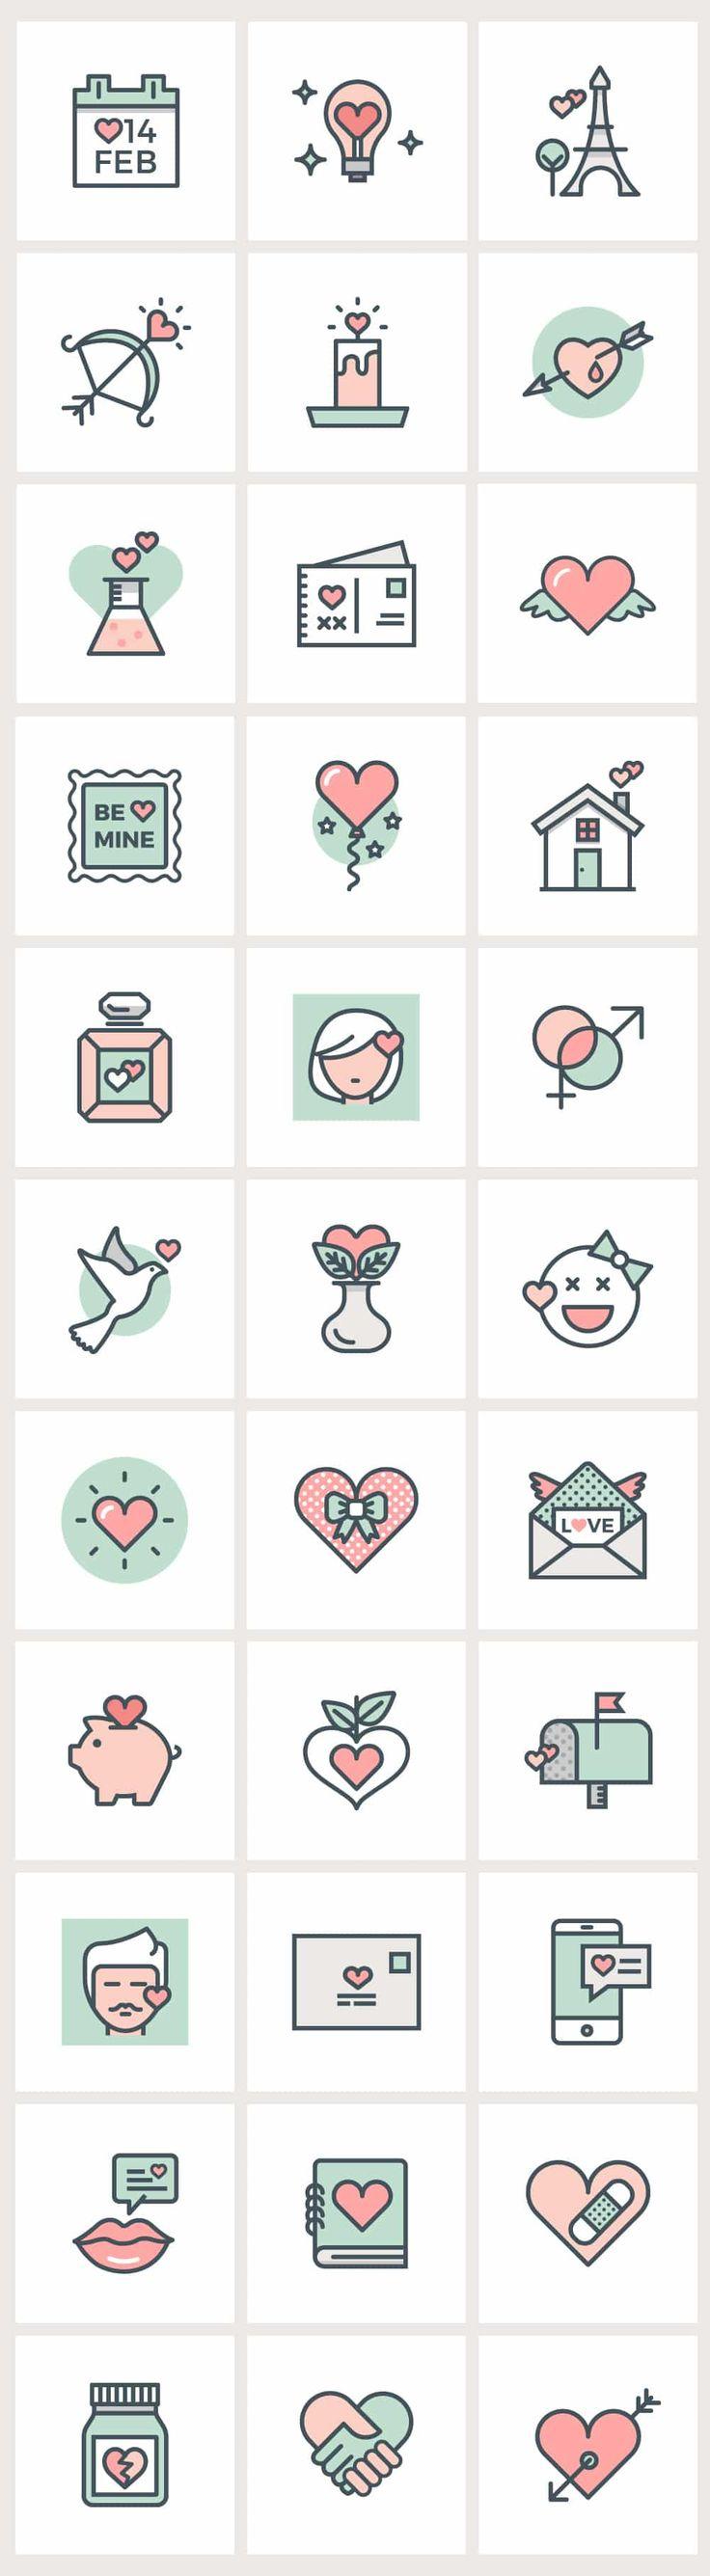 24 originelle und atypische kostenlose Icon-Packs zum Download